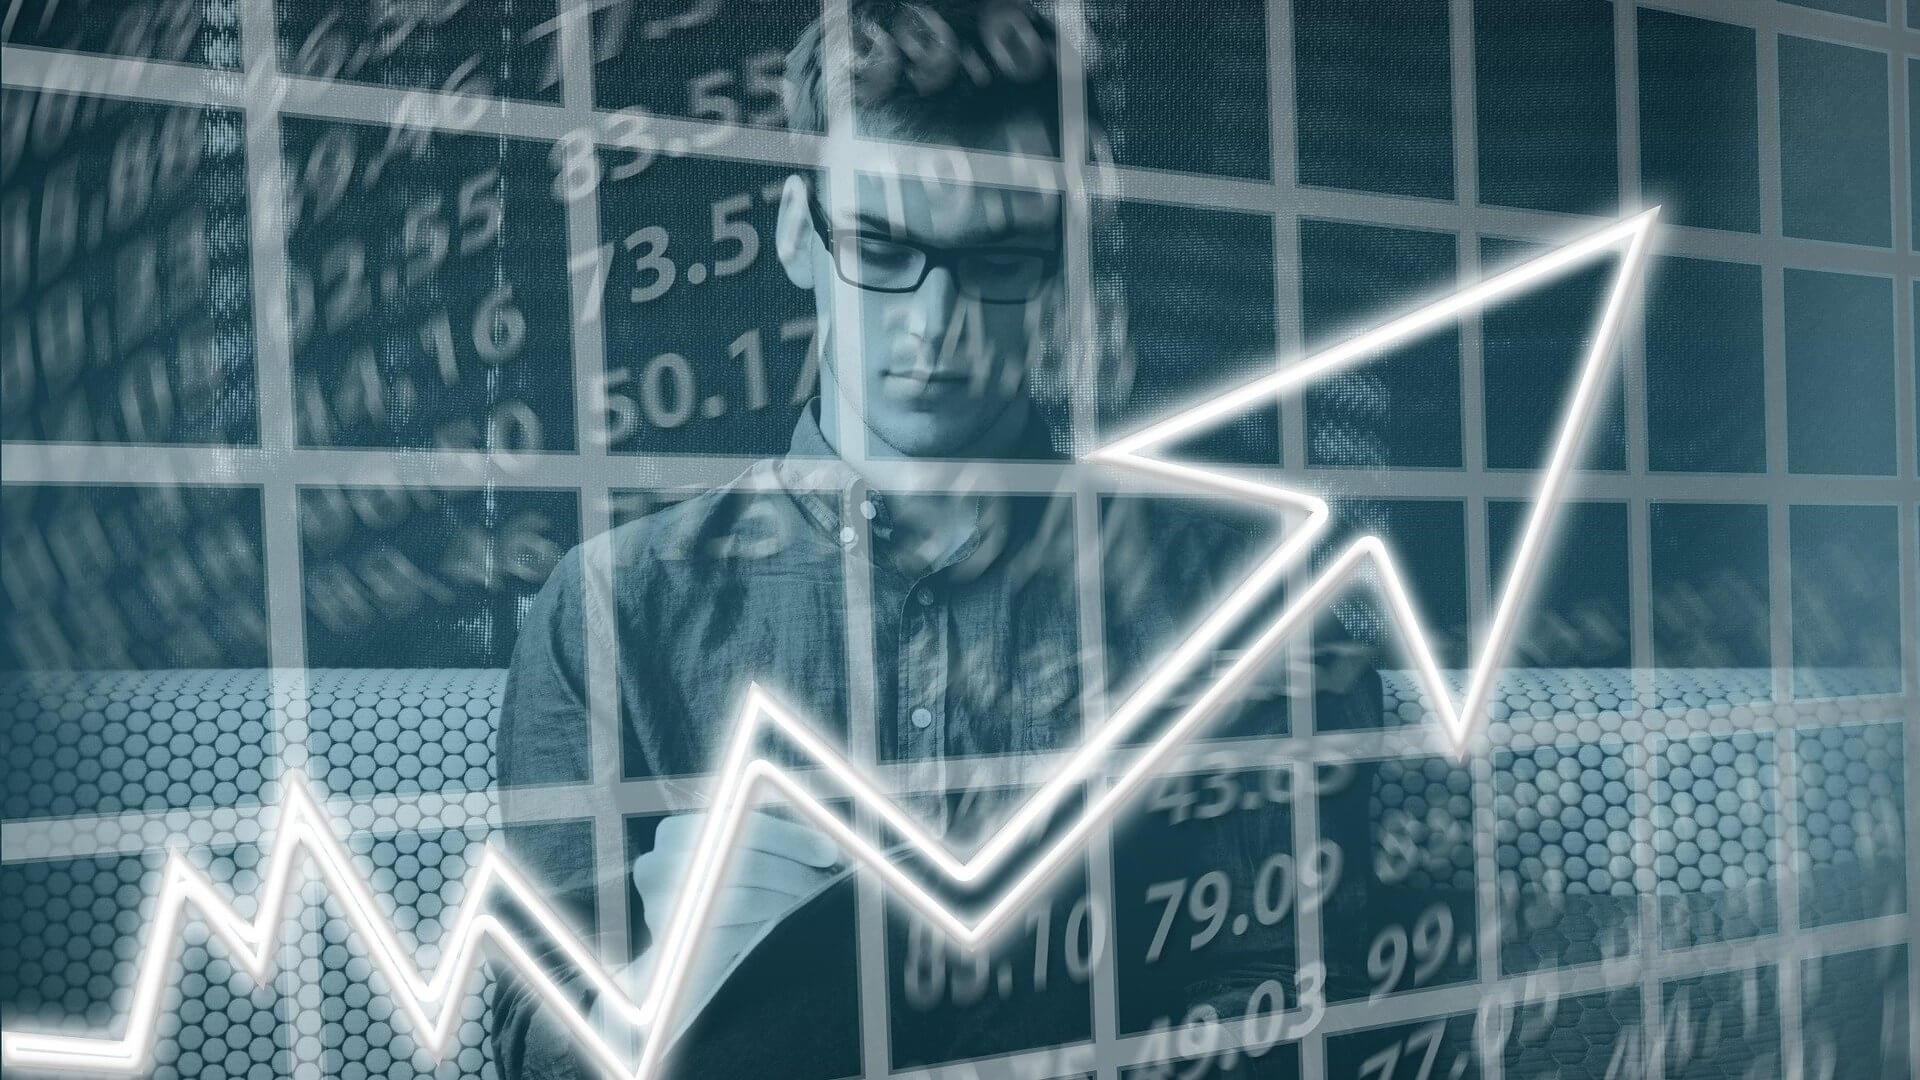 Descomplicando a Gestão Financeira da sua empresa